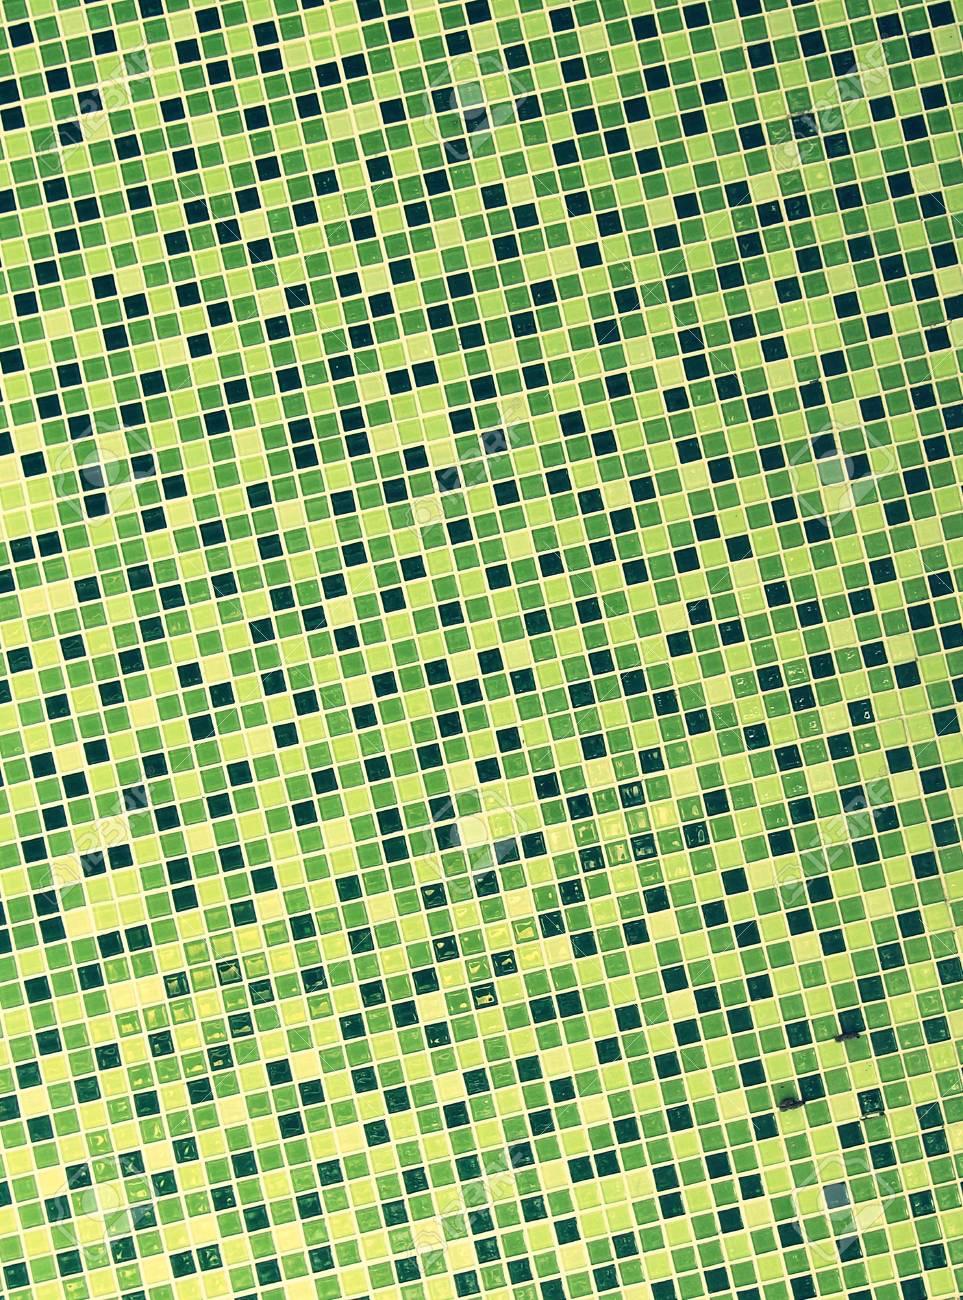 GrünMosaikFliesen Wand VintageStil Lizenzfreie Fotos Bilder Und - Fliesen vintage stil